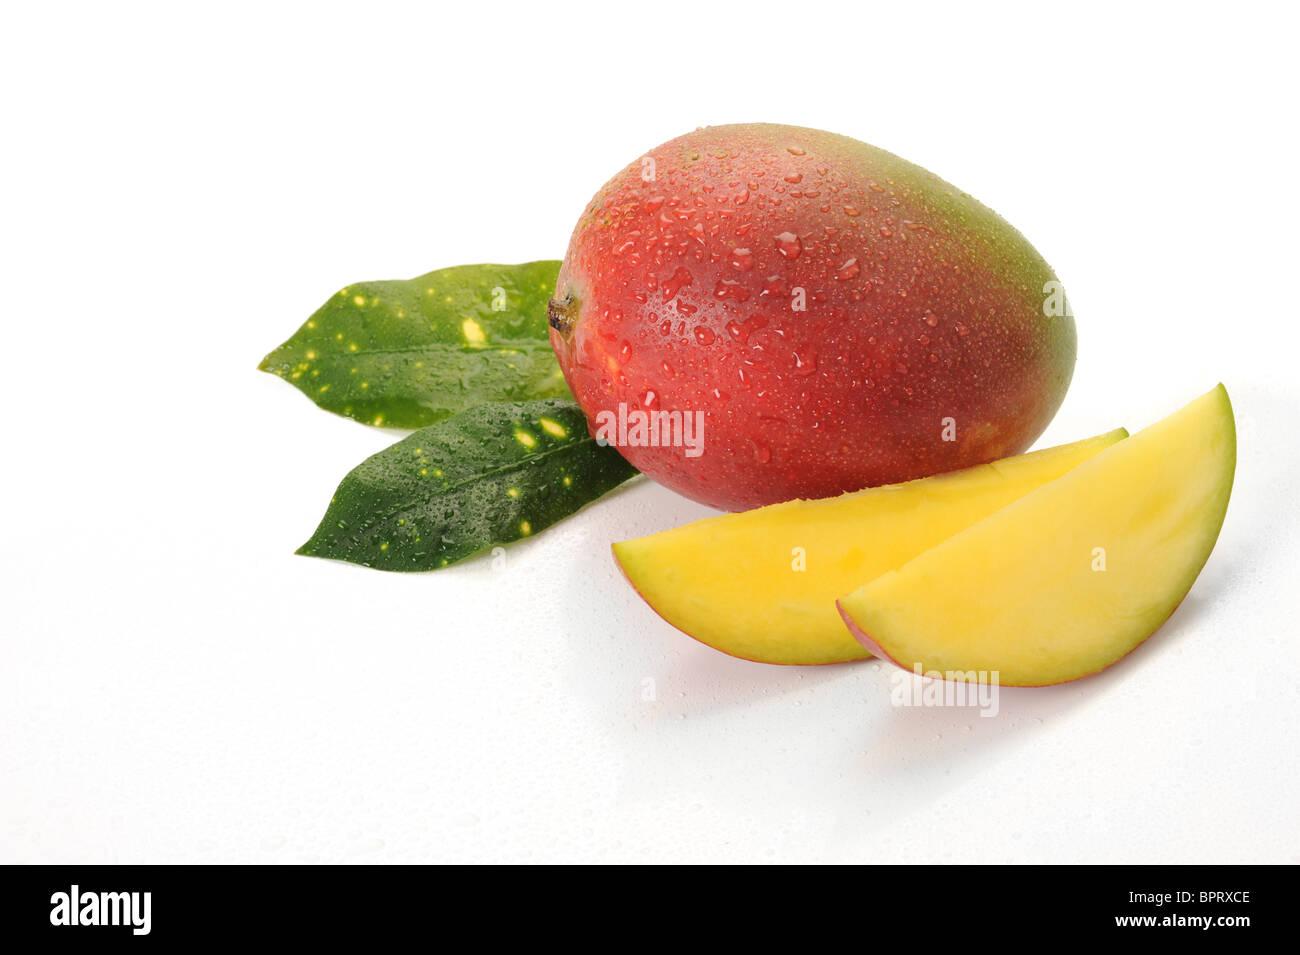 Image of mango fruit studio isolated on white background - Stock Image